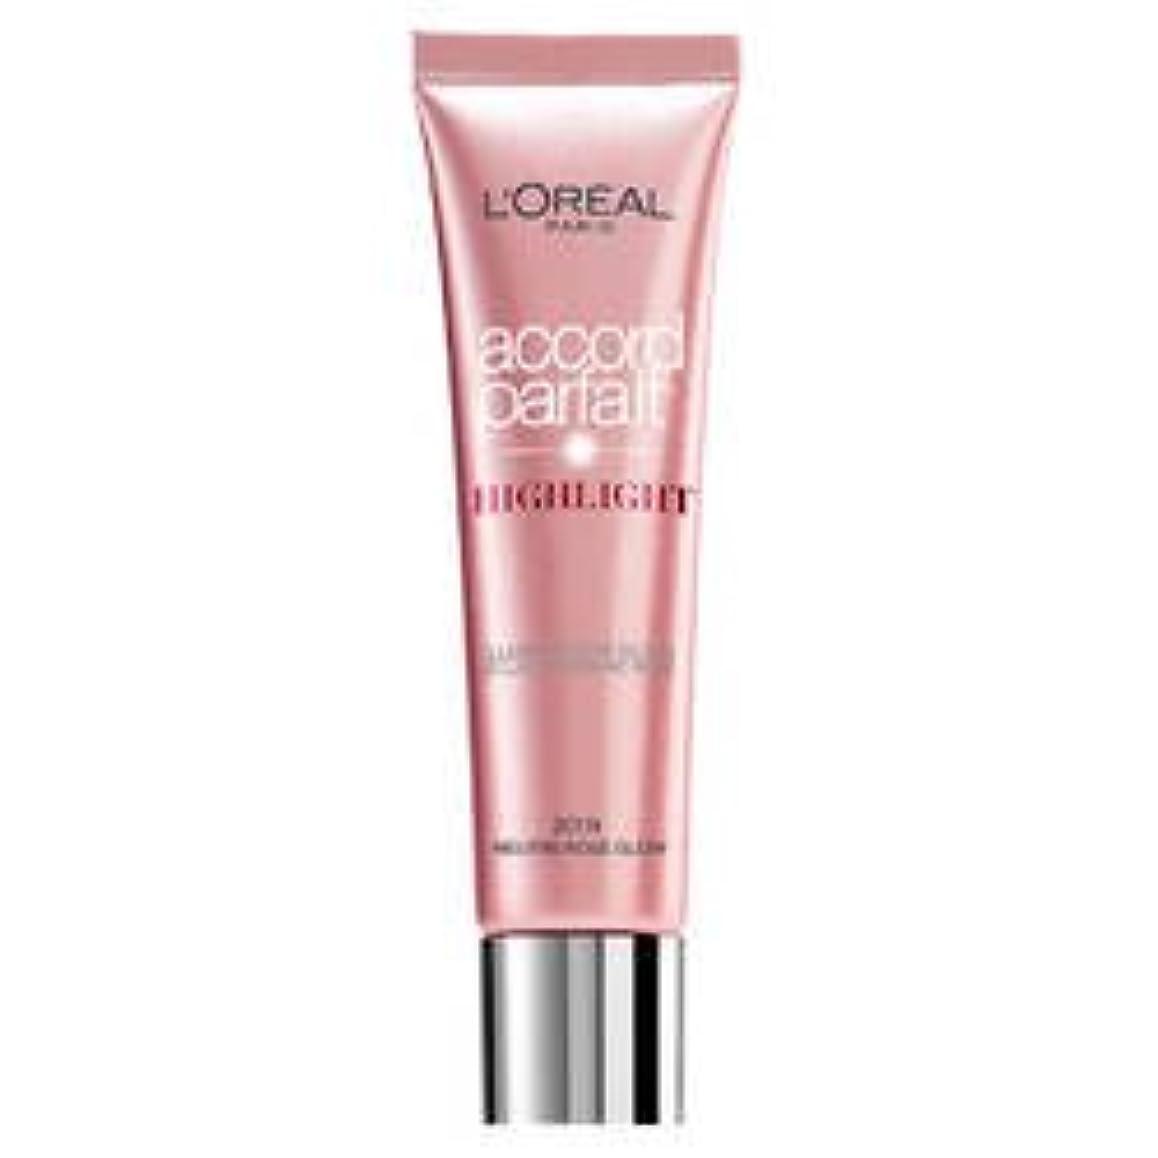 兵隊わかりやすい仮定、想定。推測L 'Oréal Paris - ACCORD PARFAIT Highlight Enlumineur Liquide - 201 Rose